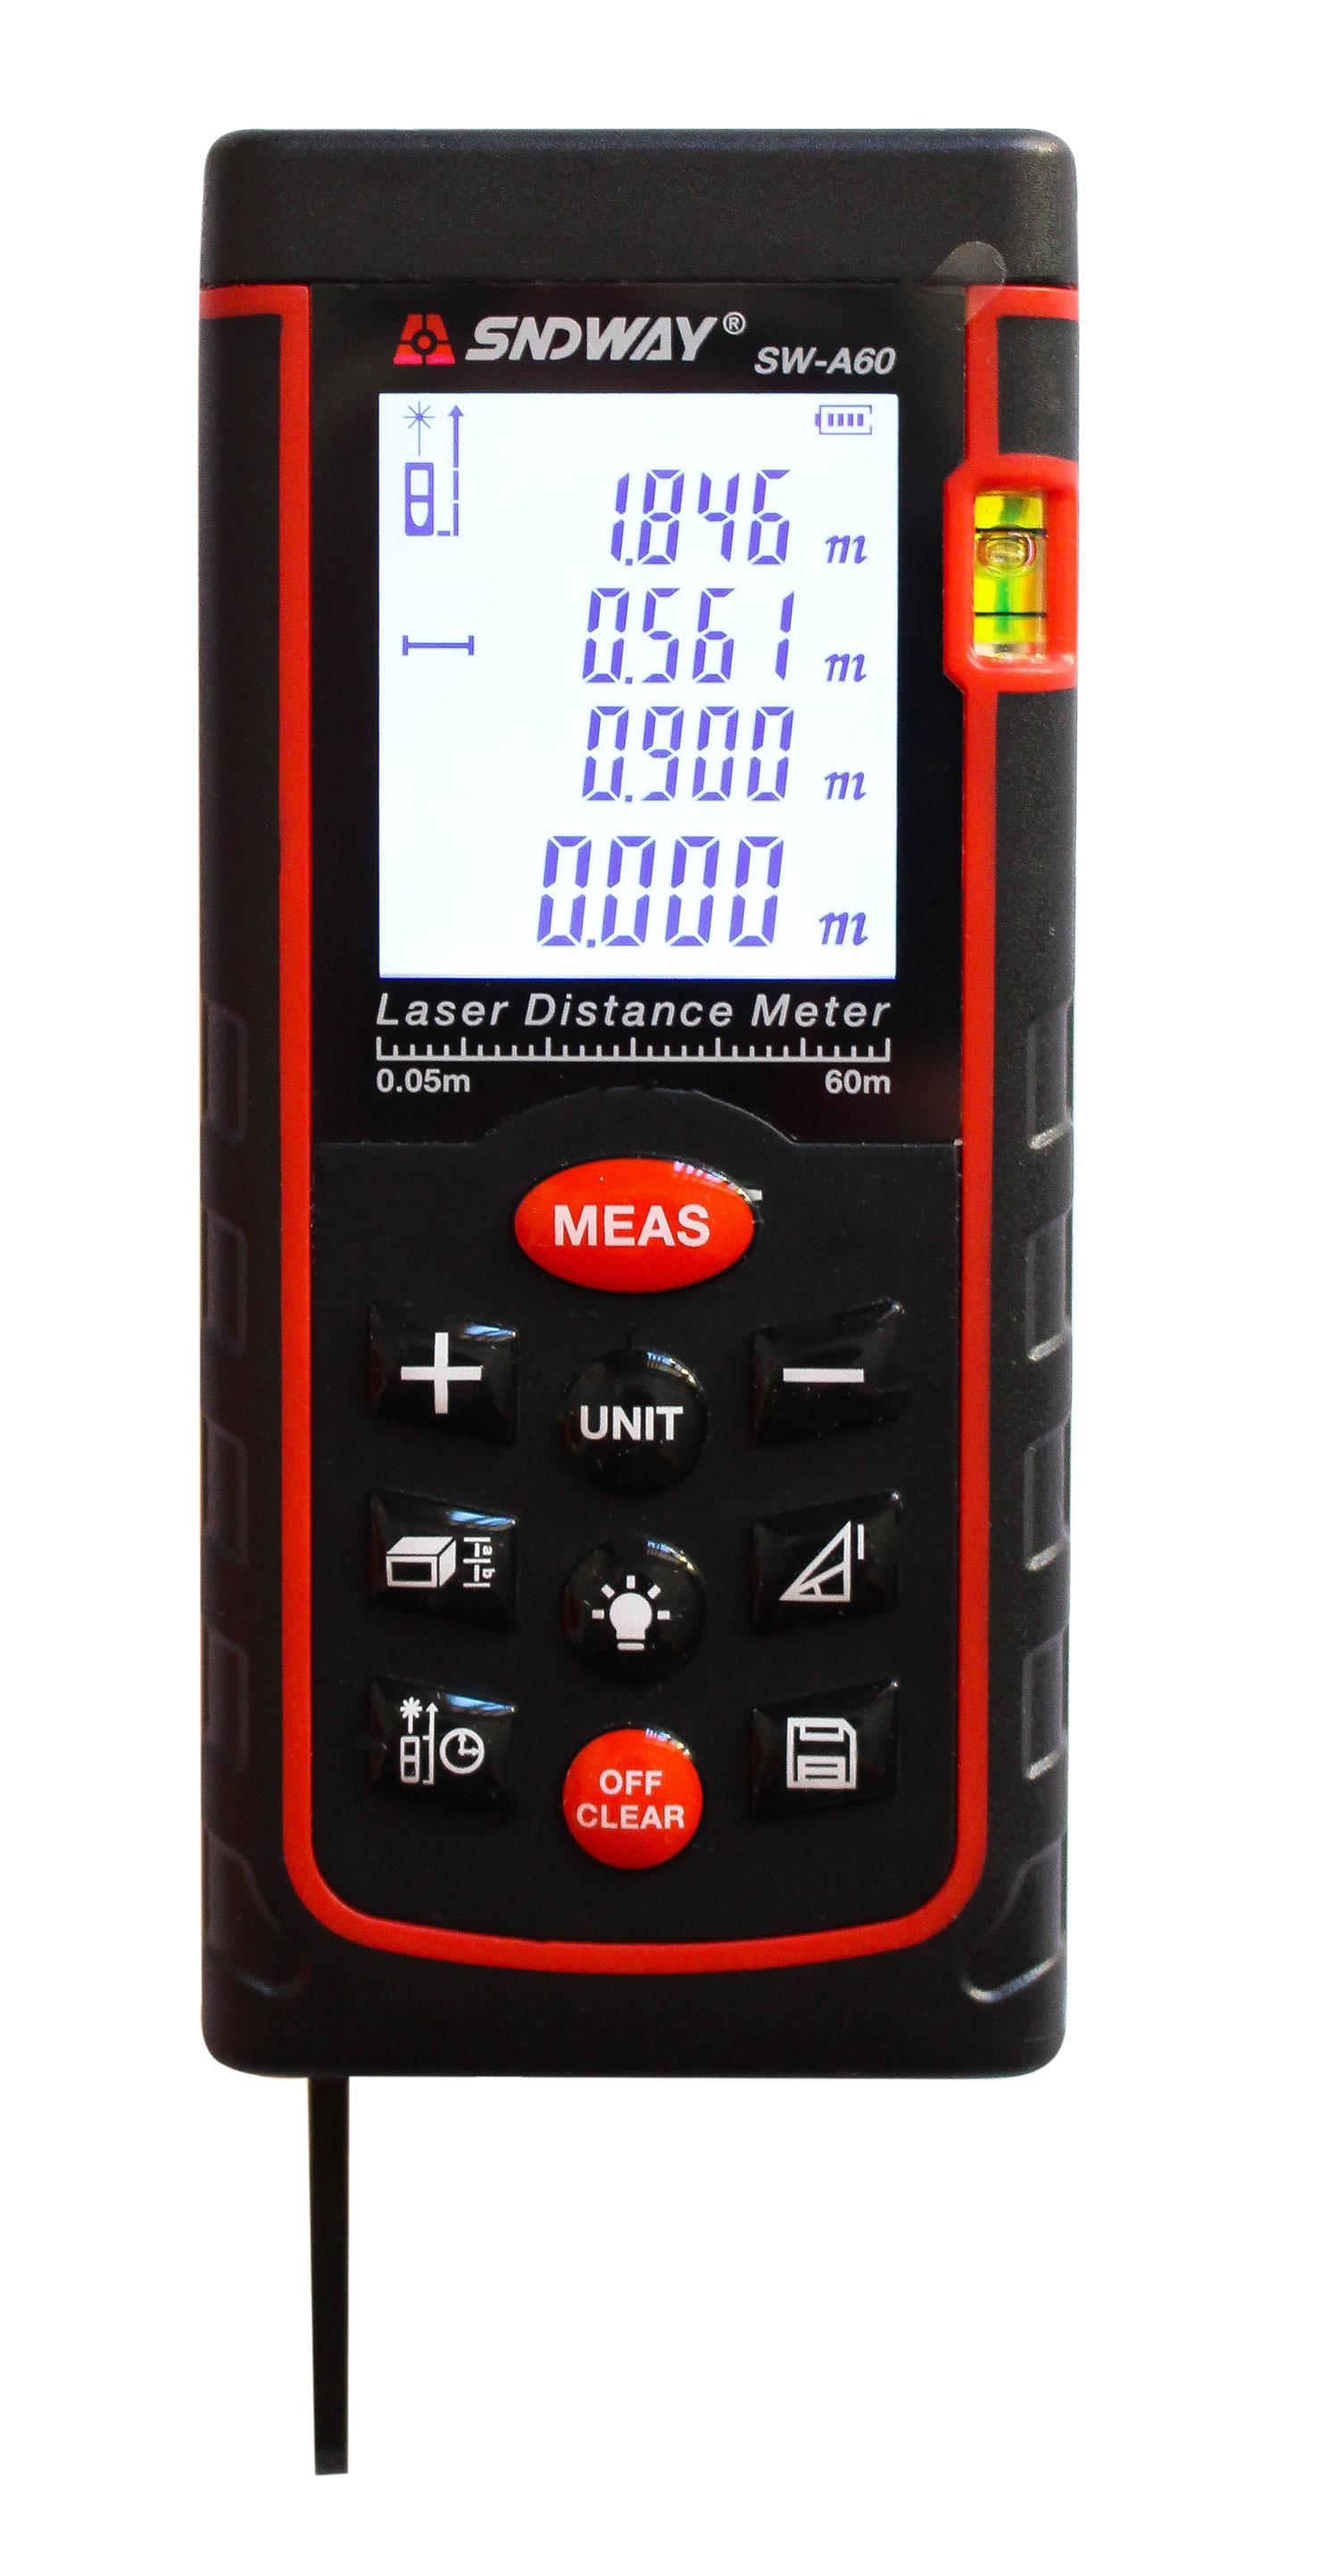 Откидной упор для лазерной линейкиSW-A60 SNDWAY